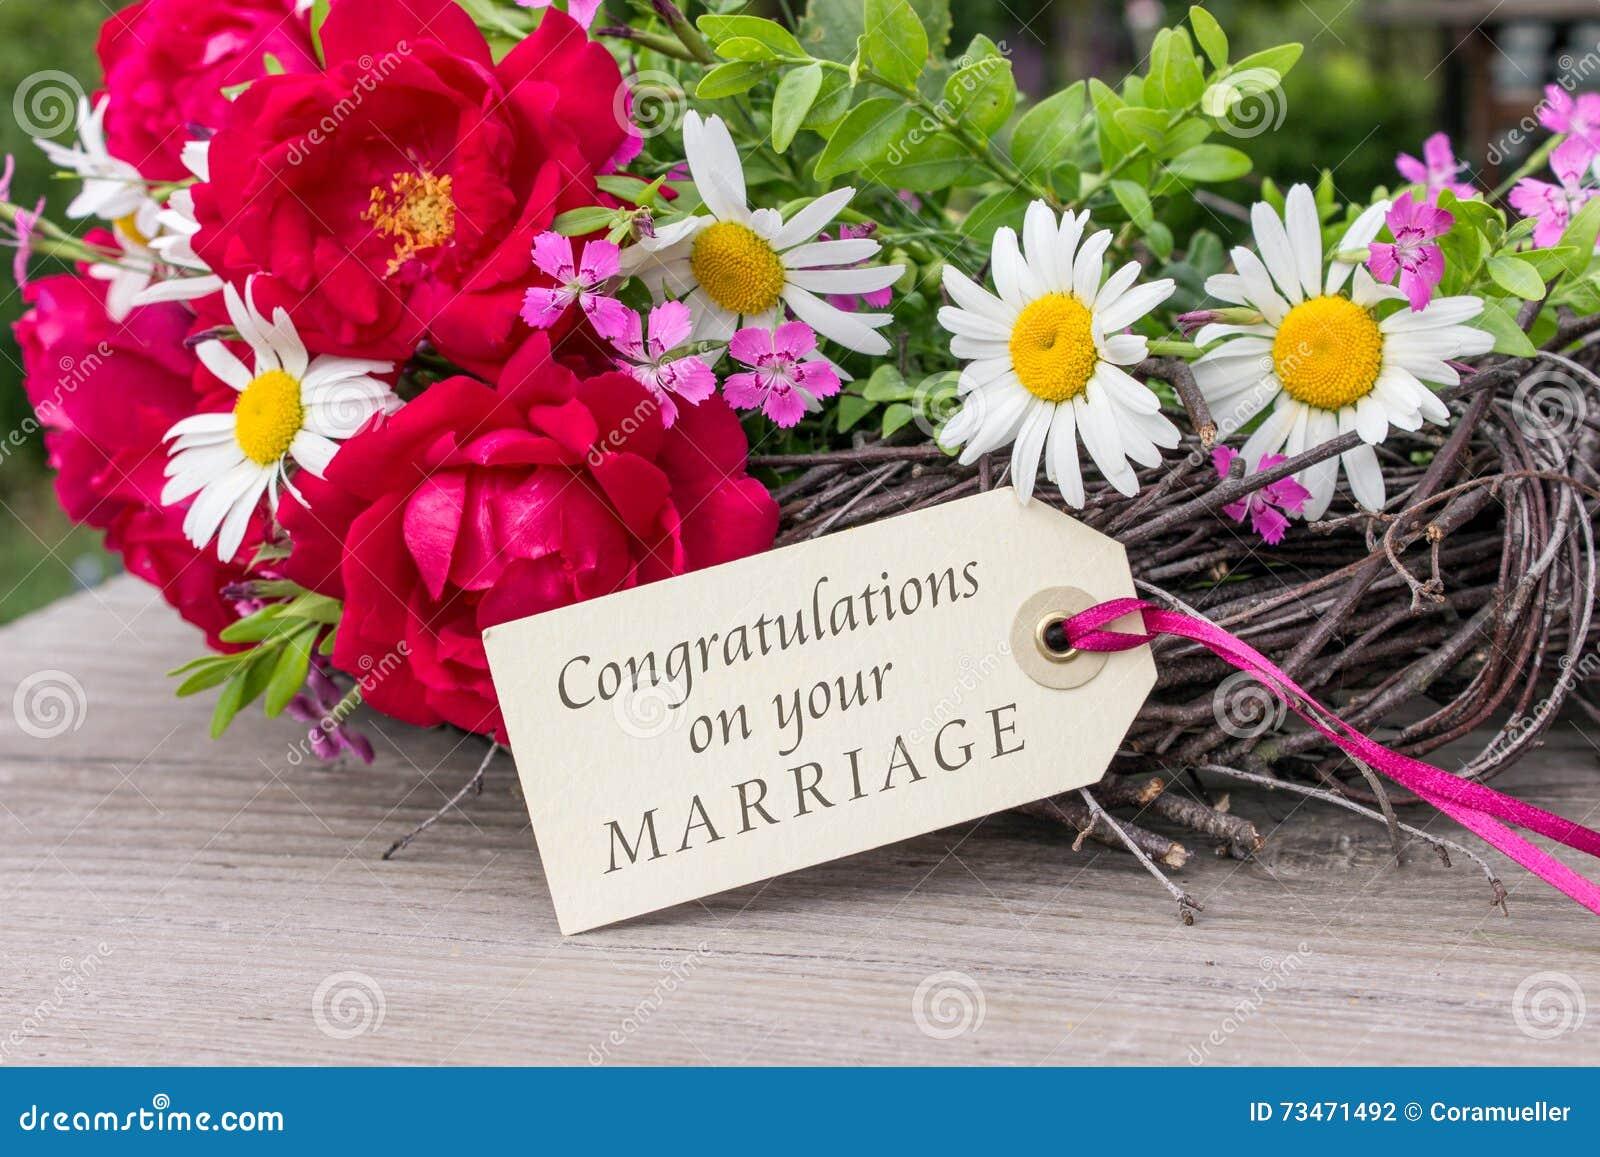 Al Matrimonio Auguri O Congratulazioni : Congratulazioni sul vostro matrimonio fotografia stock immagine di